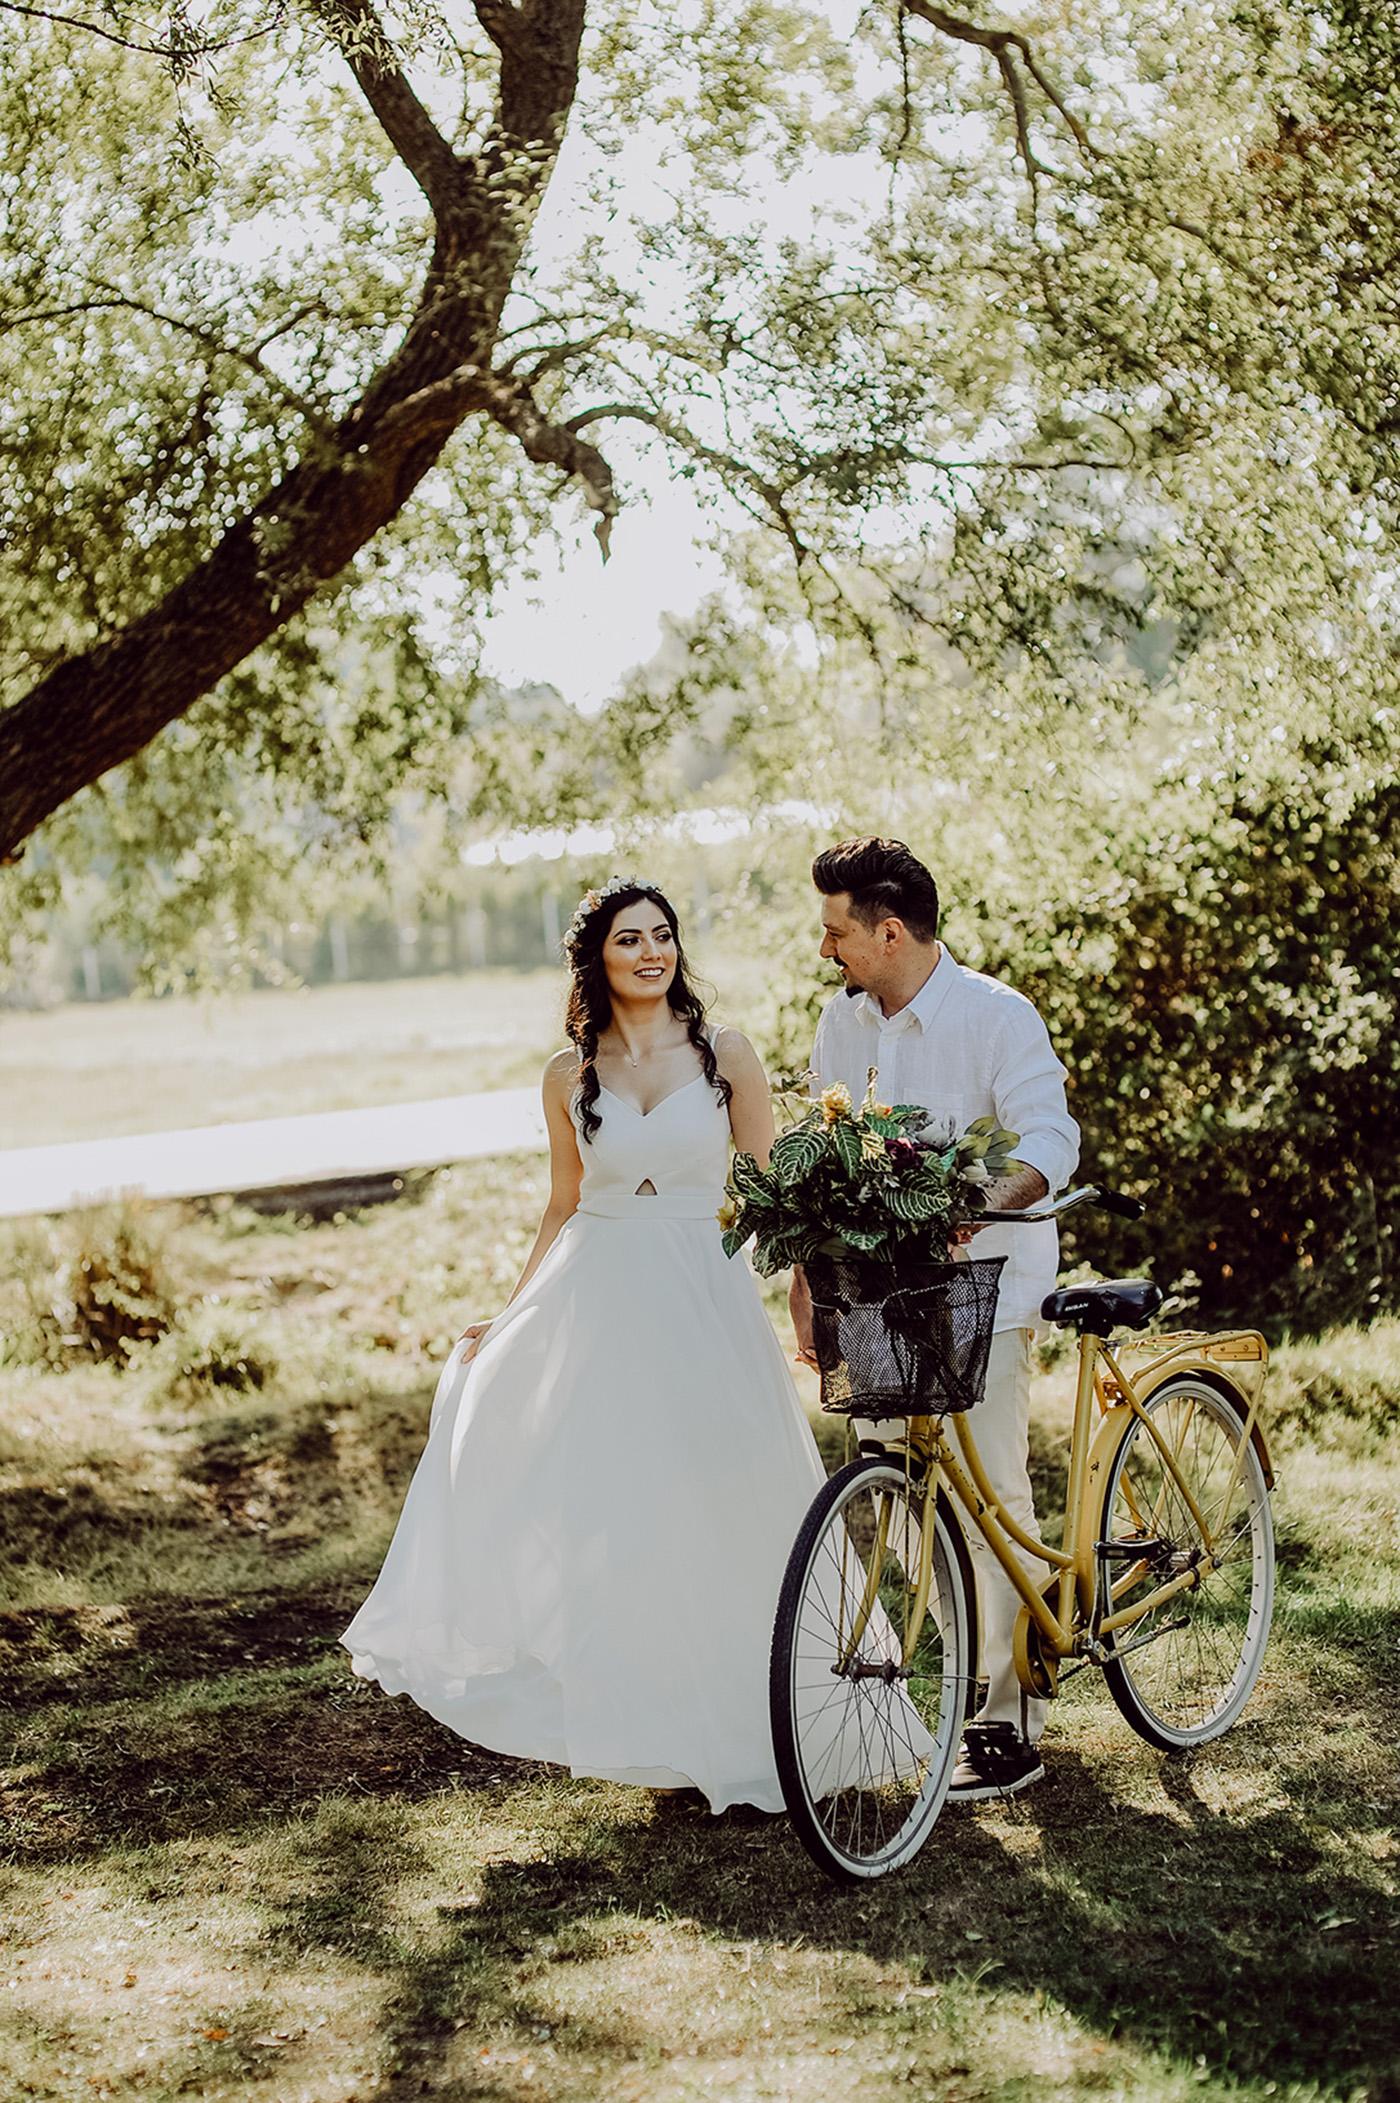 sultangazi düğün fotoğrafçısı, sultangazi fotoğrafçı, sultangazi gelin damat fotoğrafçısı, sultangazi gelin damat fotoğrafçısı, sultangazi nişan fotoğrafları, sultangazi dış mekan foto çekimi